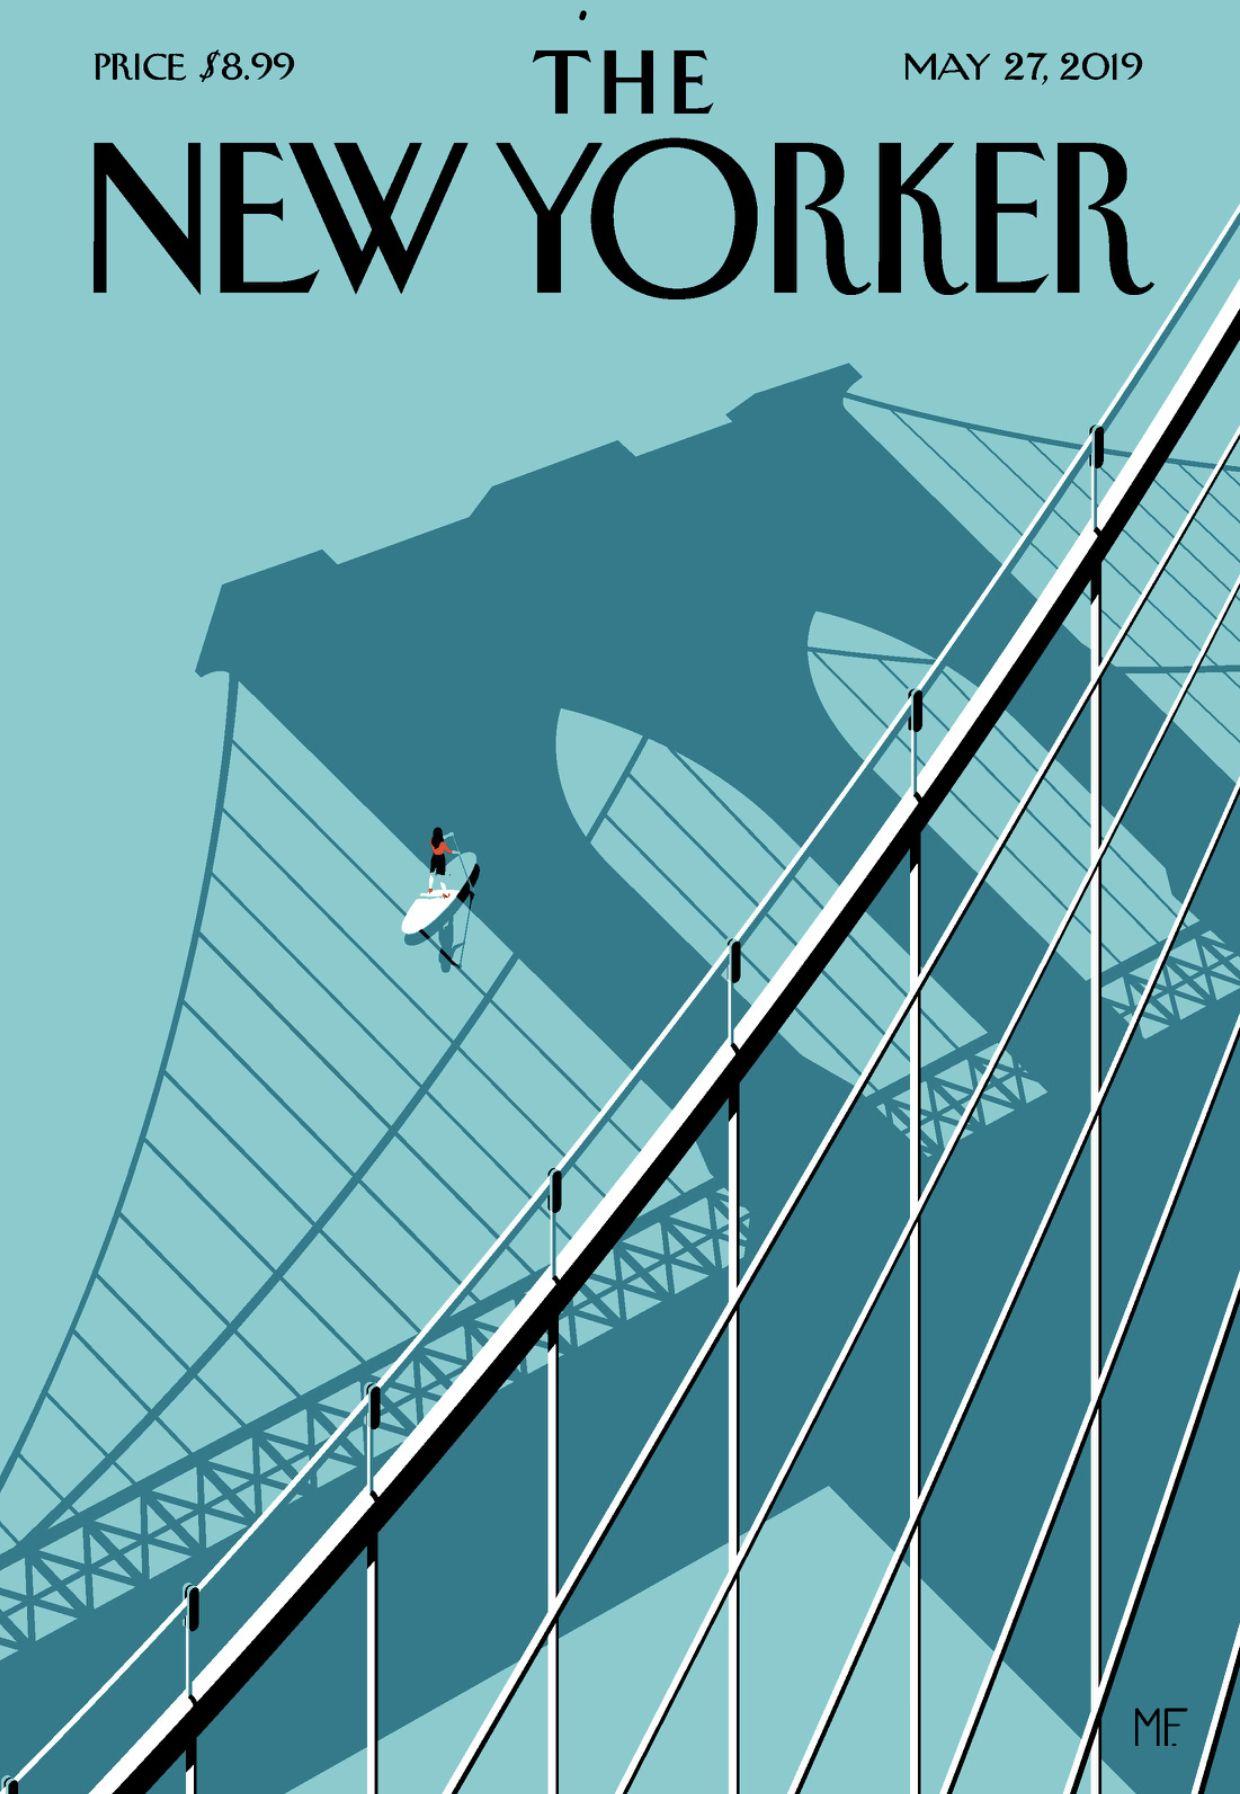 Épinglé par Liza Valantsevich sur журналы The new yorker